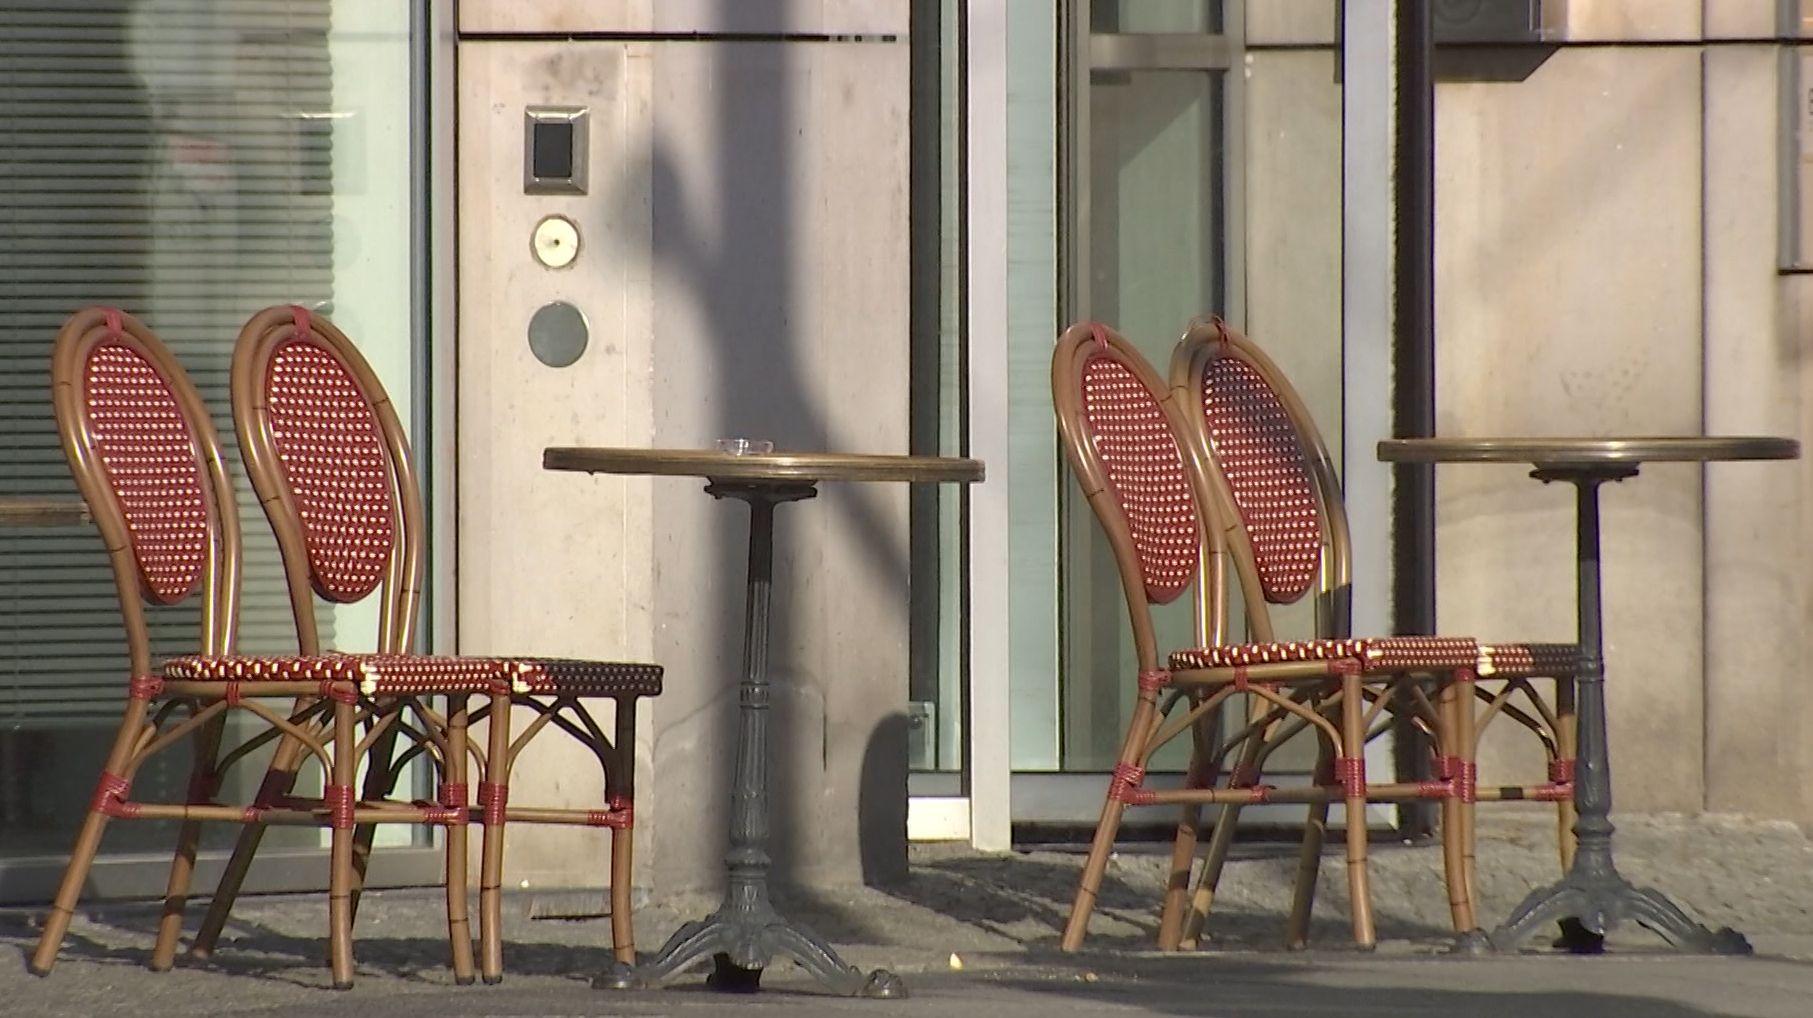 Leere Stühle eines Cafés im Außenbereich